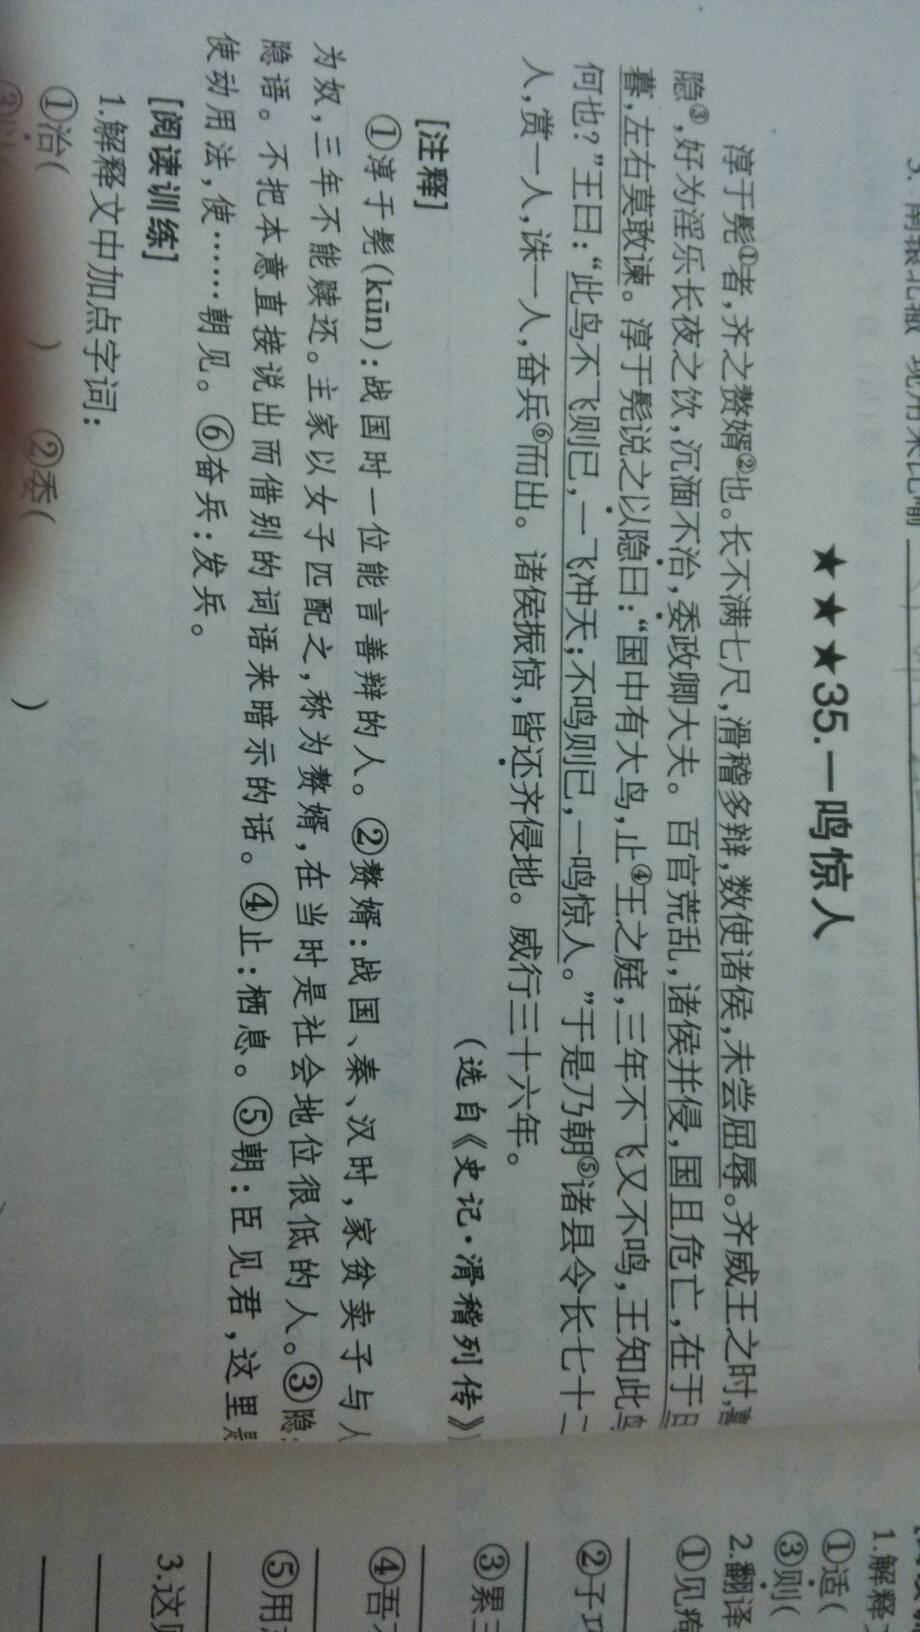 中断文言文谢谢谢谢谢谢谢谢翻译!linux谢谢响应提高图片